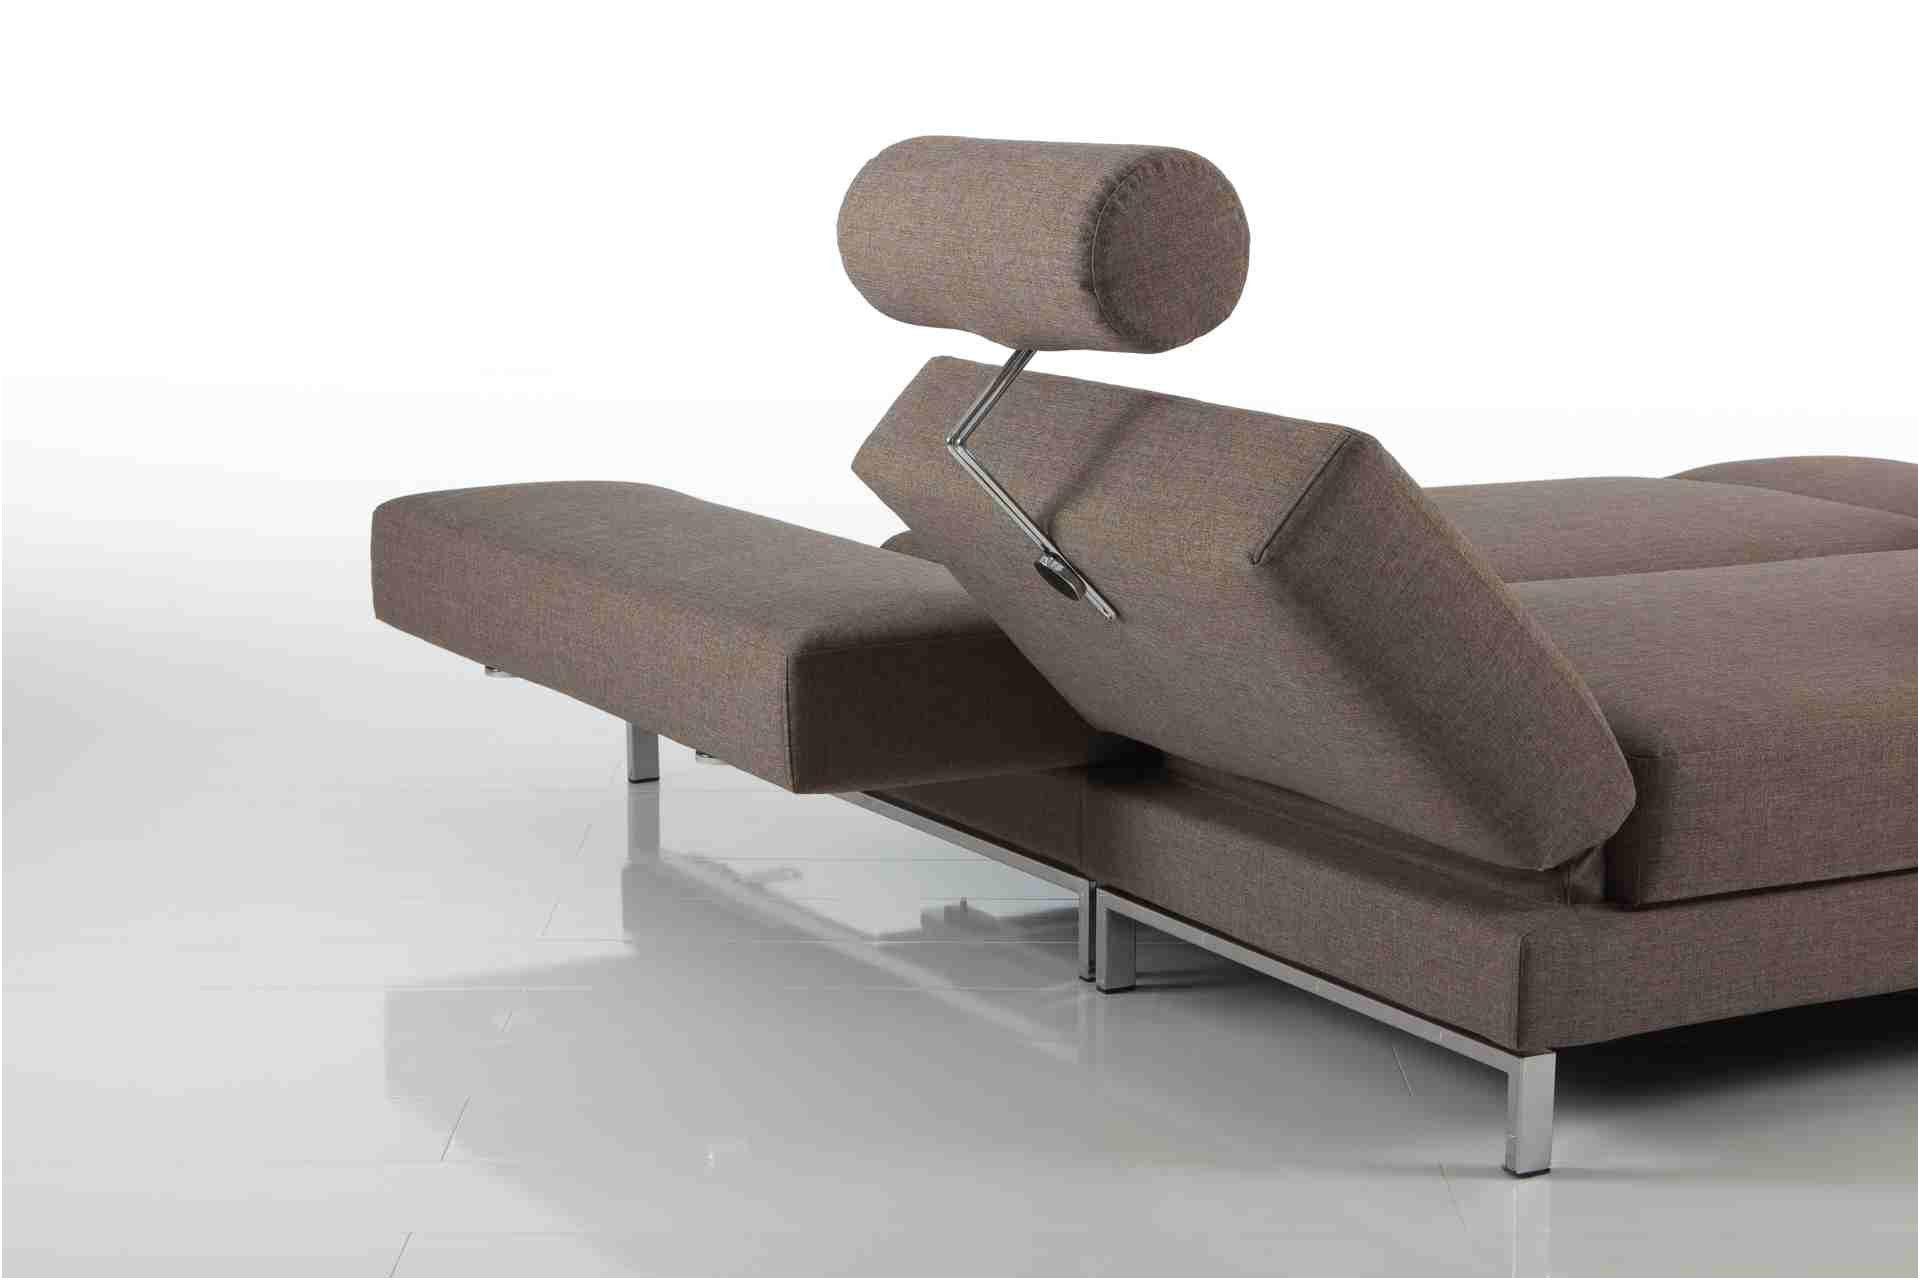 Skurril Sofa Verstellbare Ruckenlehne Couch Mobel Pinterest